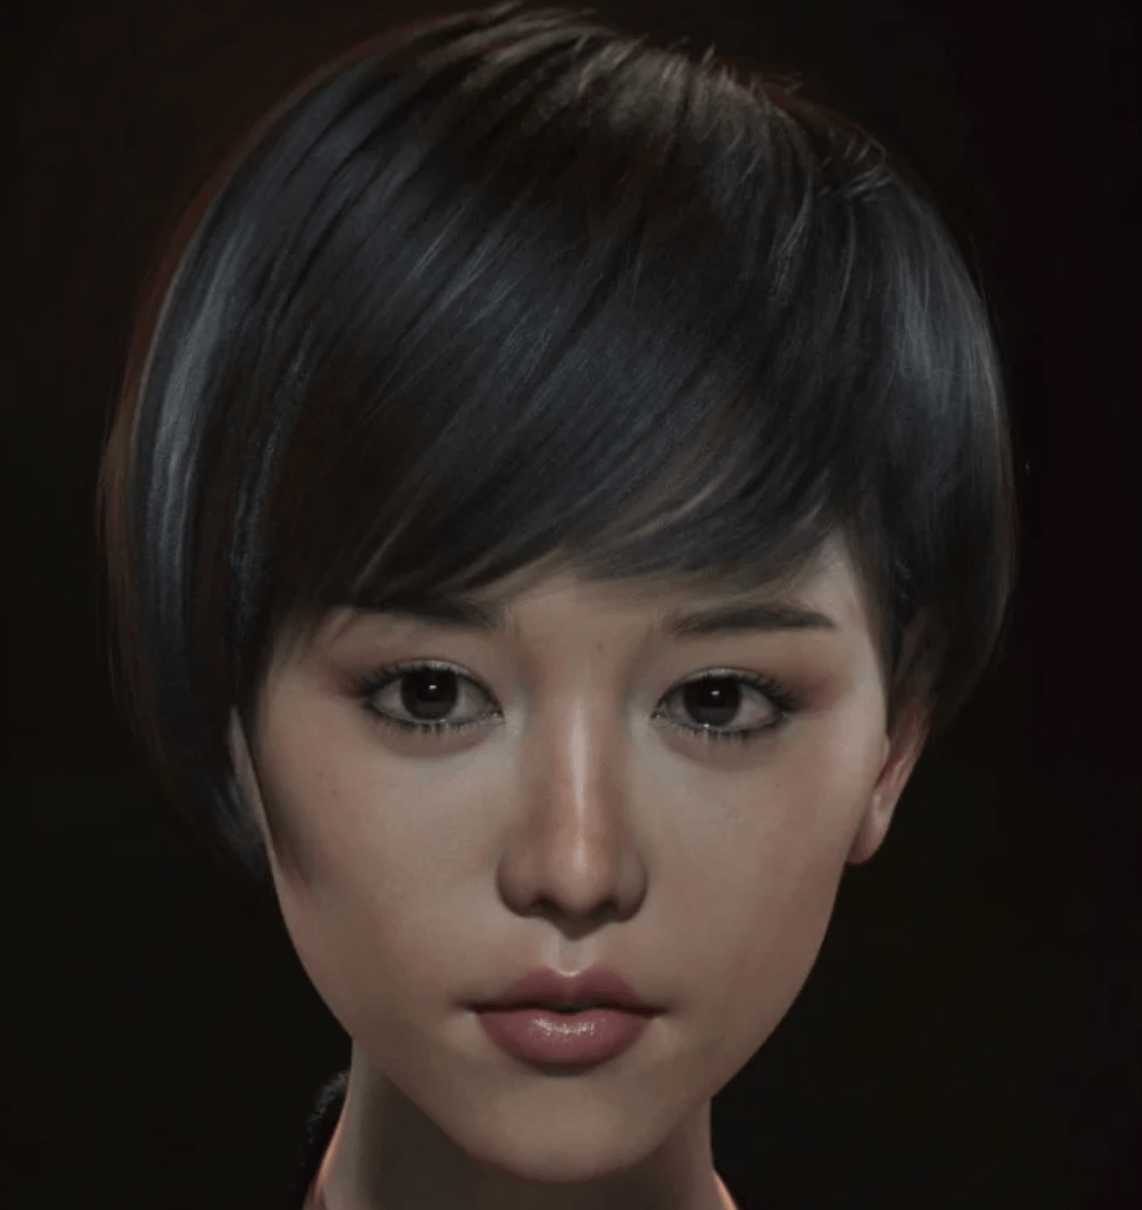 hann mei asian female daz3d character